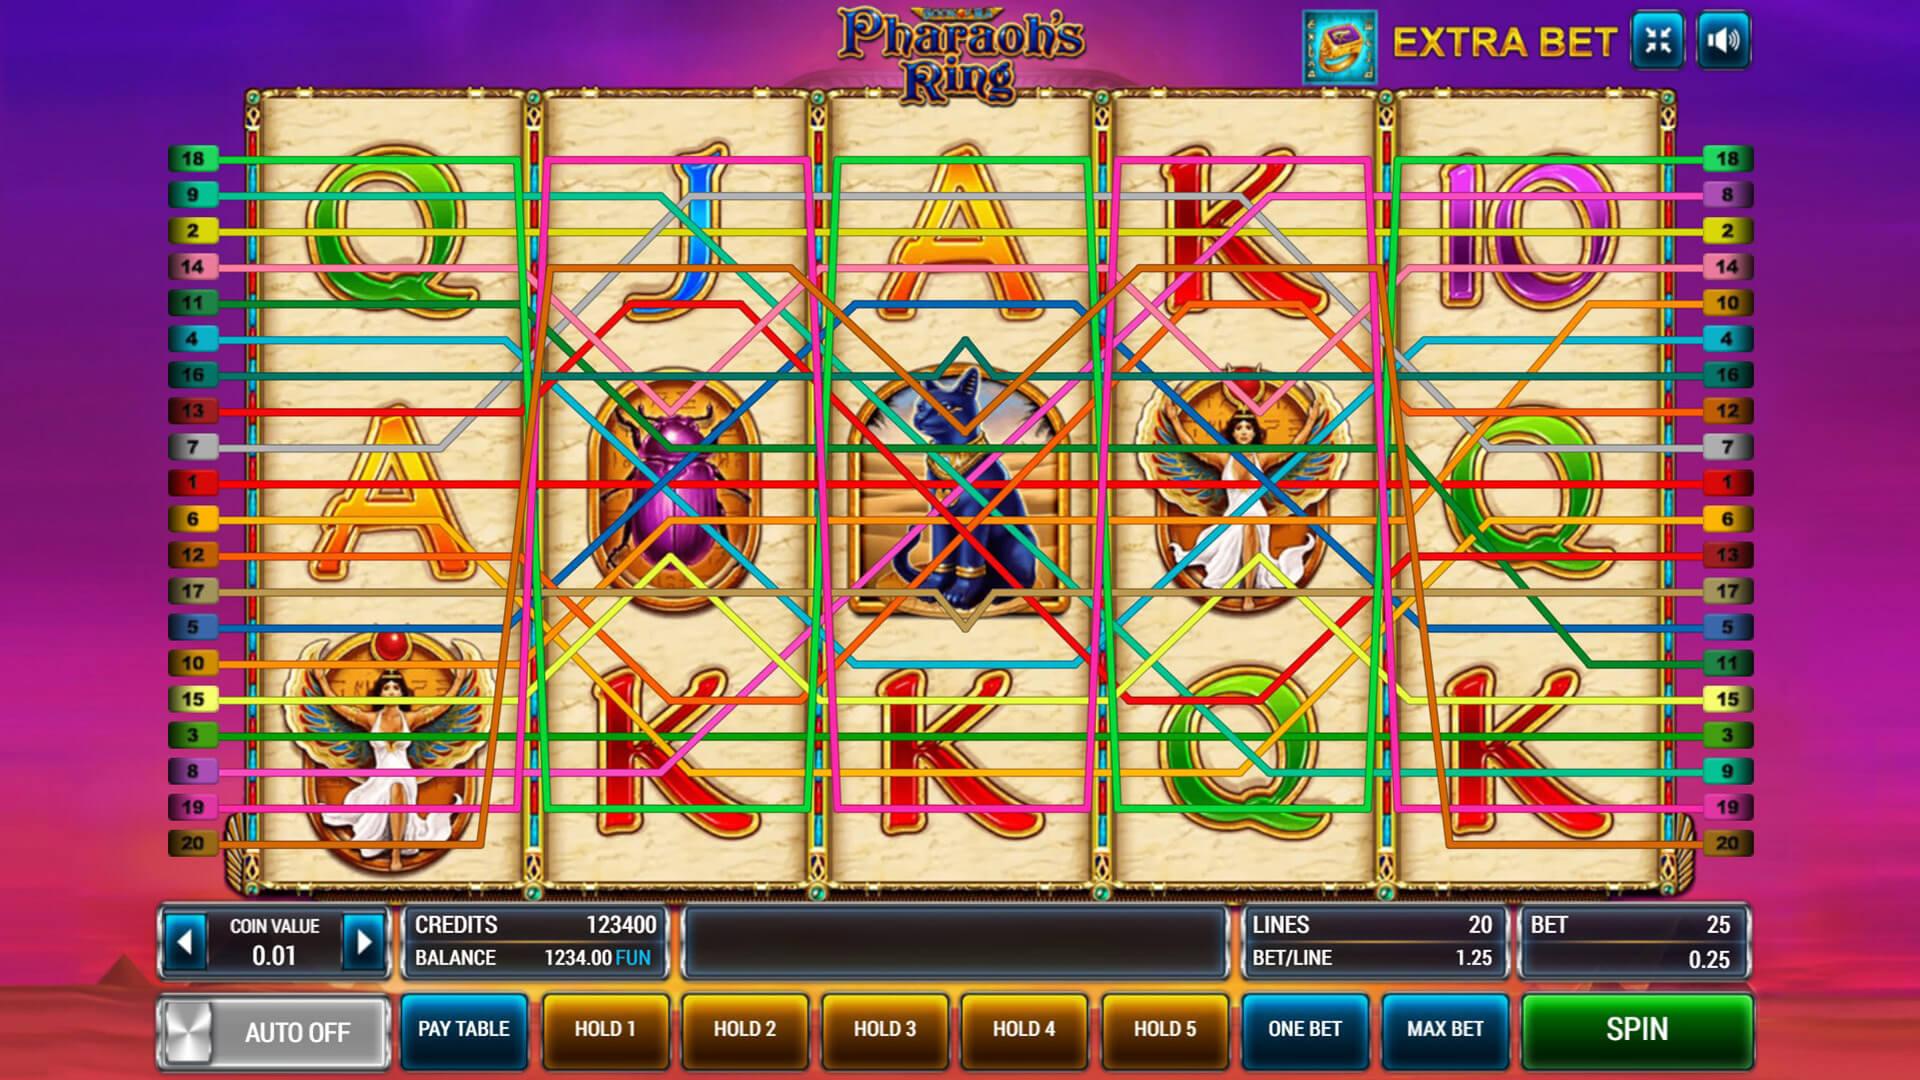 Изображение игрового автомата Pharaoh's Ring 3